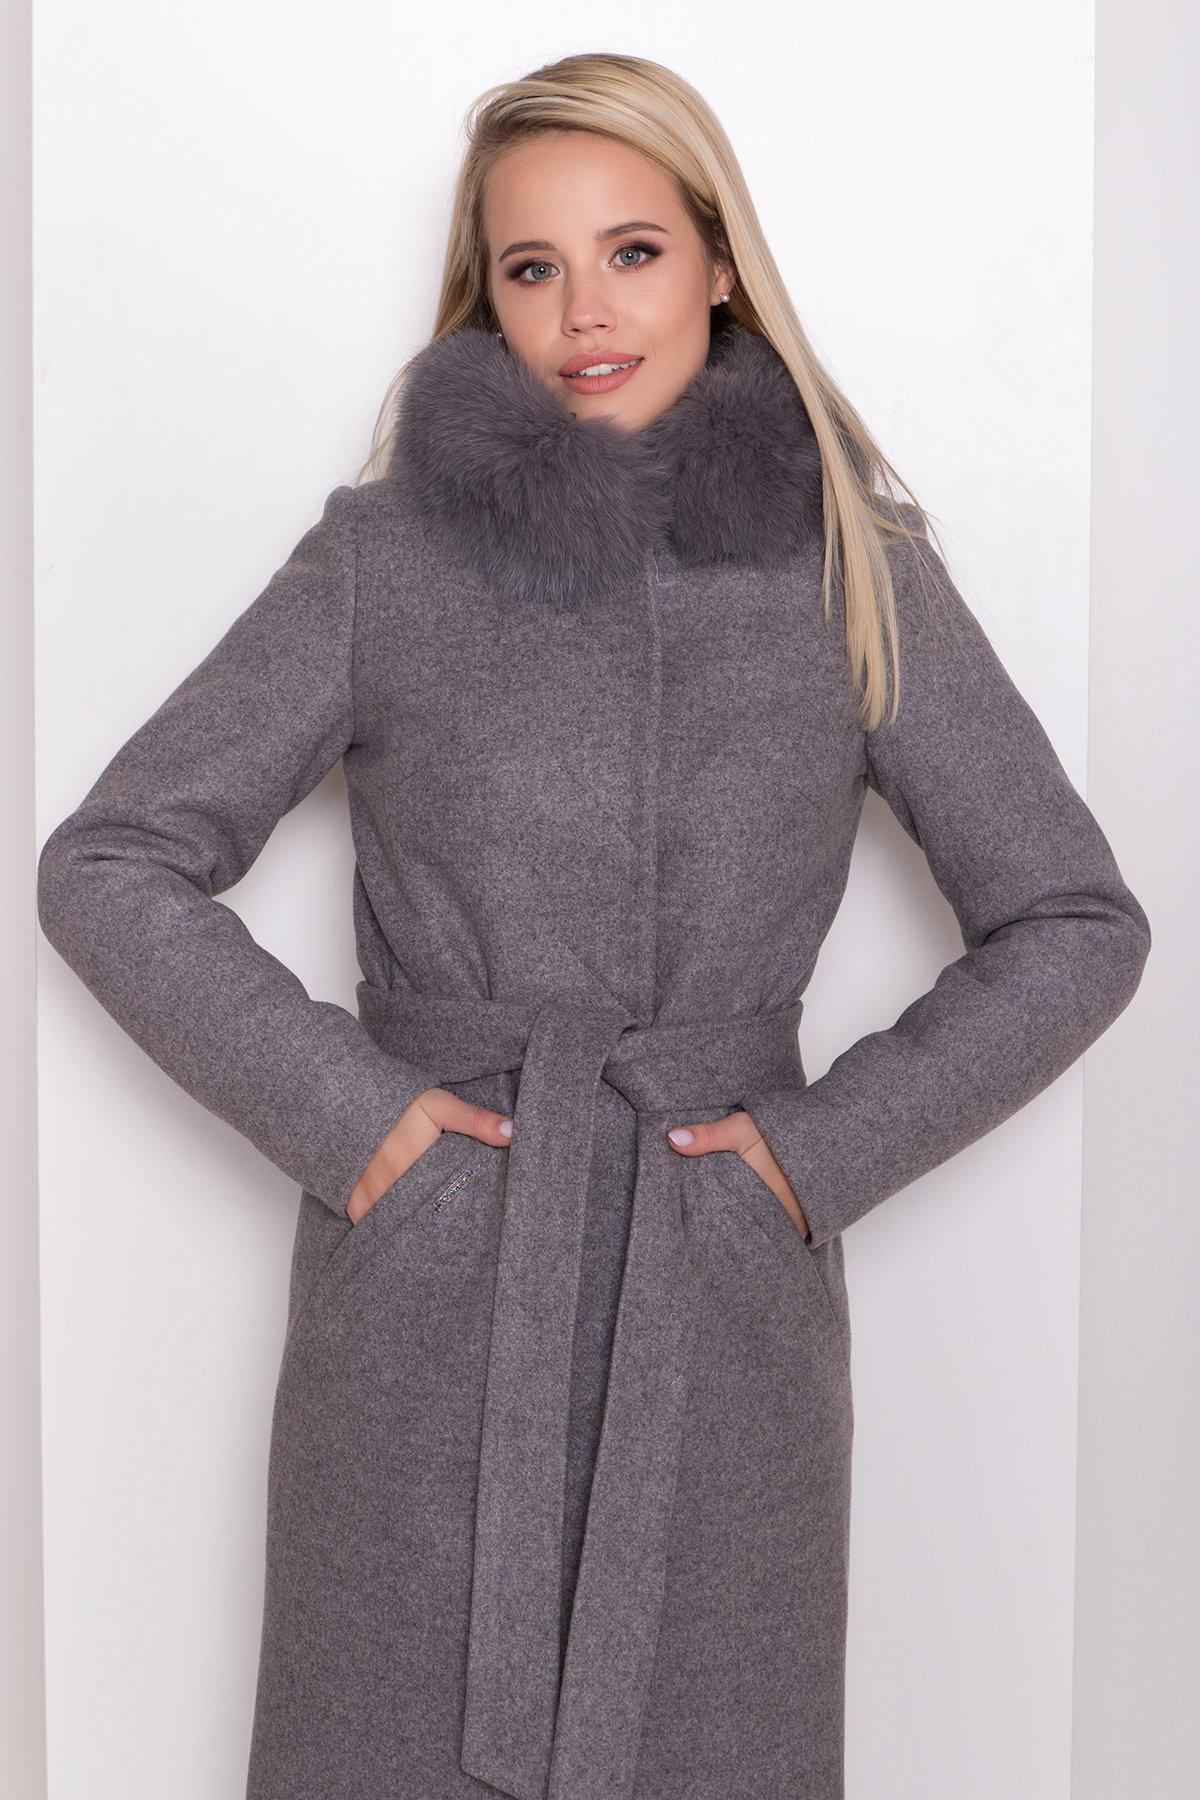 Утепленное пальто зима Люцея 8417 АРТ. 44667 Цвет: Карамель 20/1 - фото 5, интернет магазин tm-modus.ru